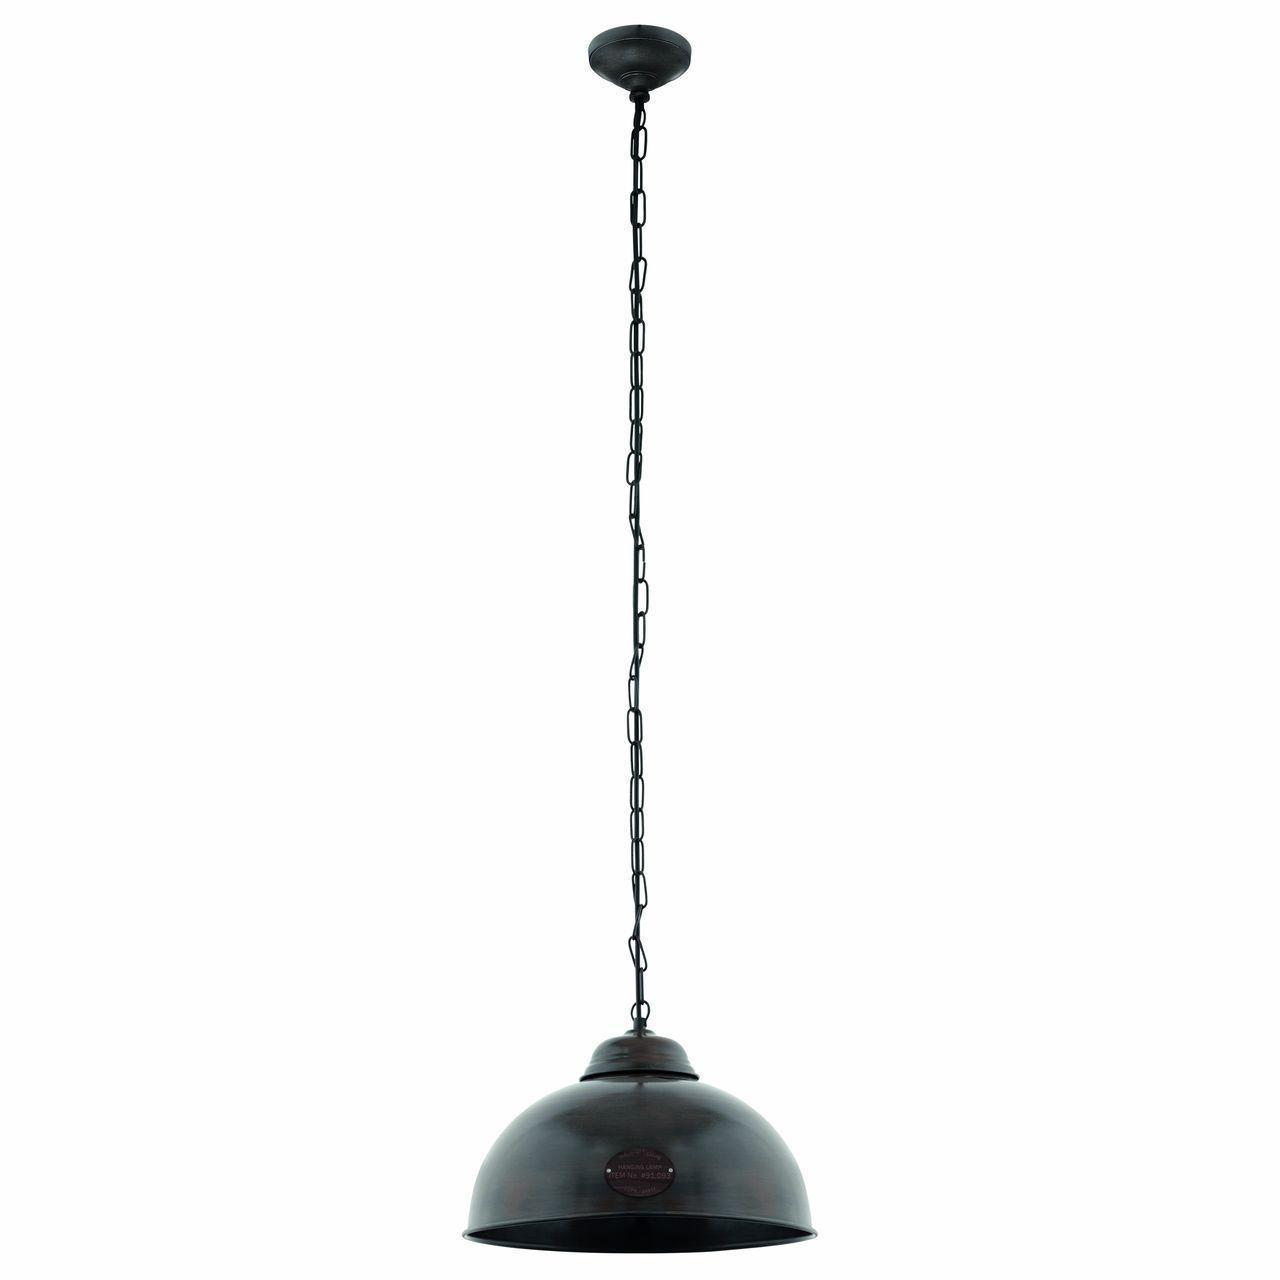 Подвесной светильник Eglo Truro 2 49632 eglo подвесной светильник eglo truro 2 49389